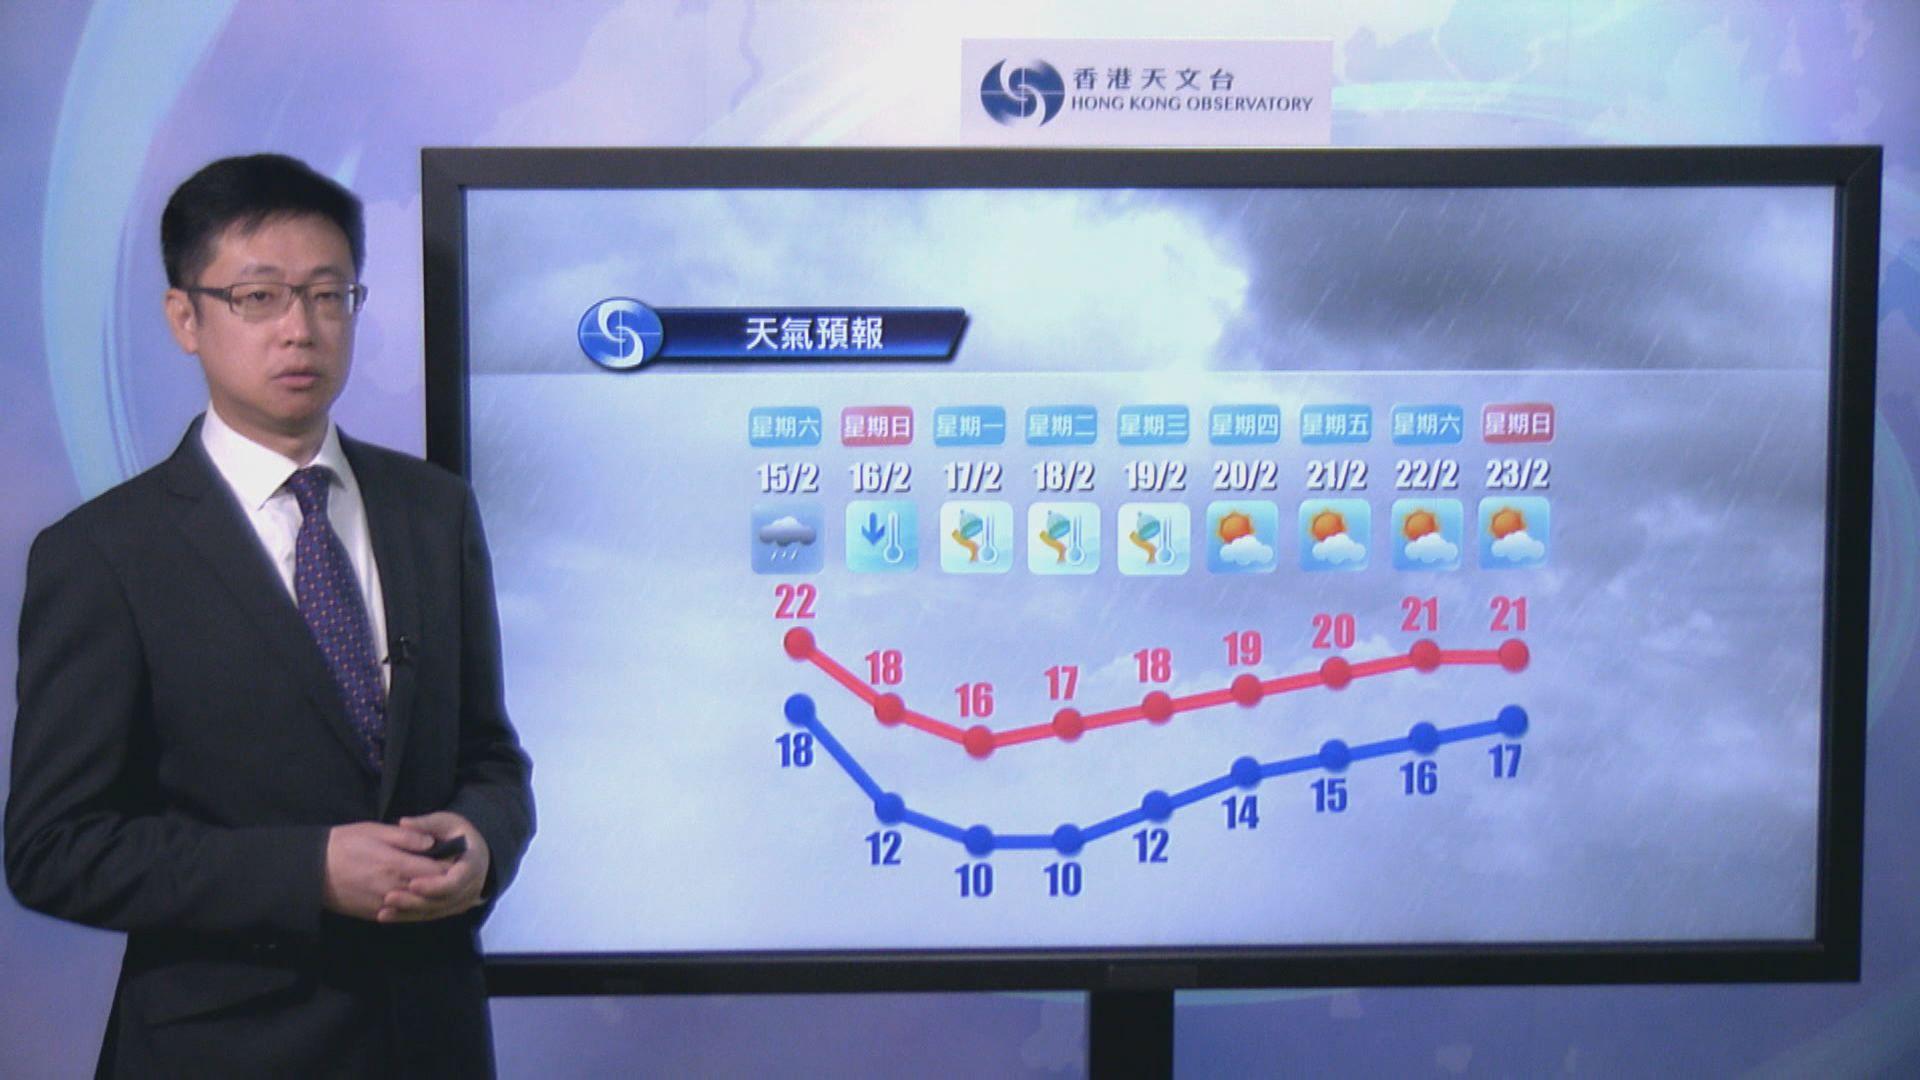 周日氣溫料急降 天文台:寒冷天氣會維持至下周中